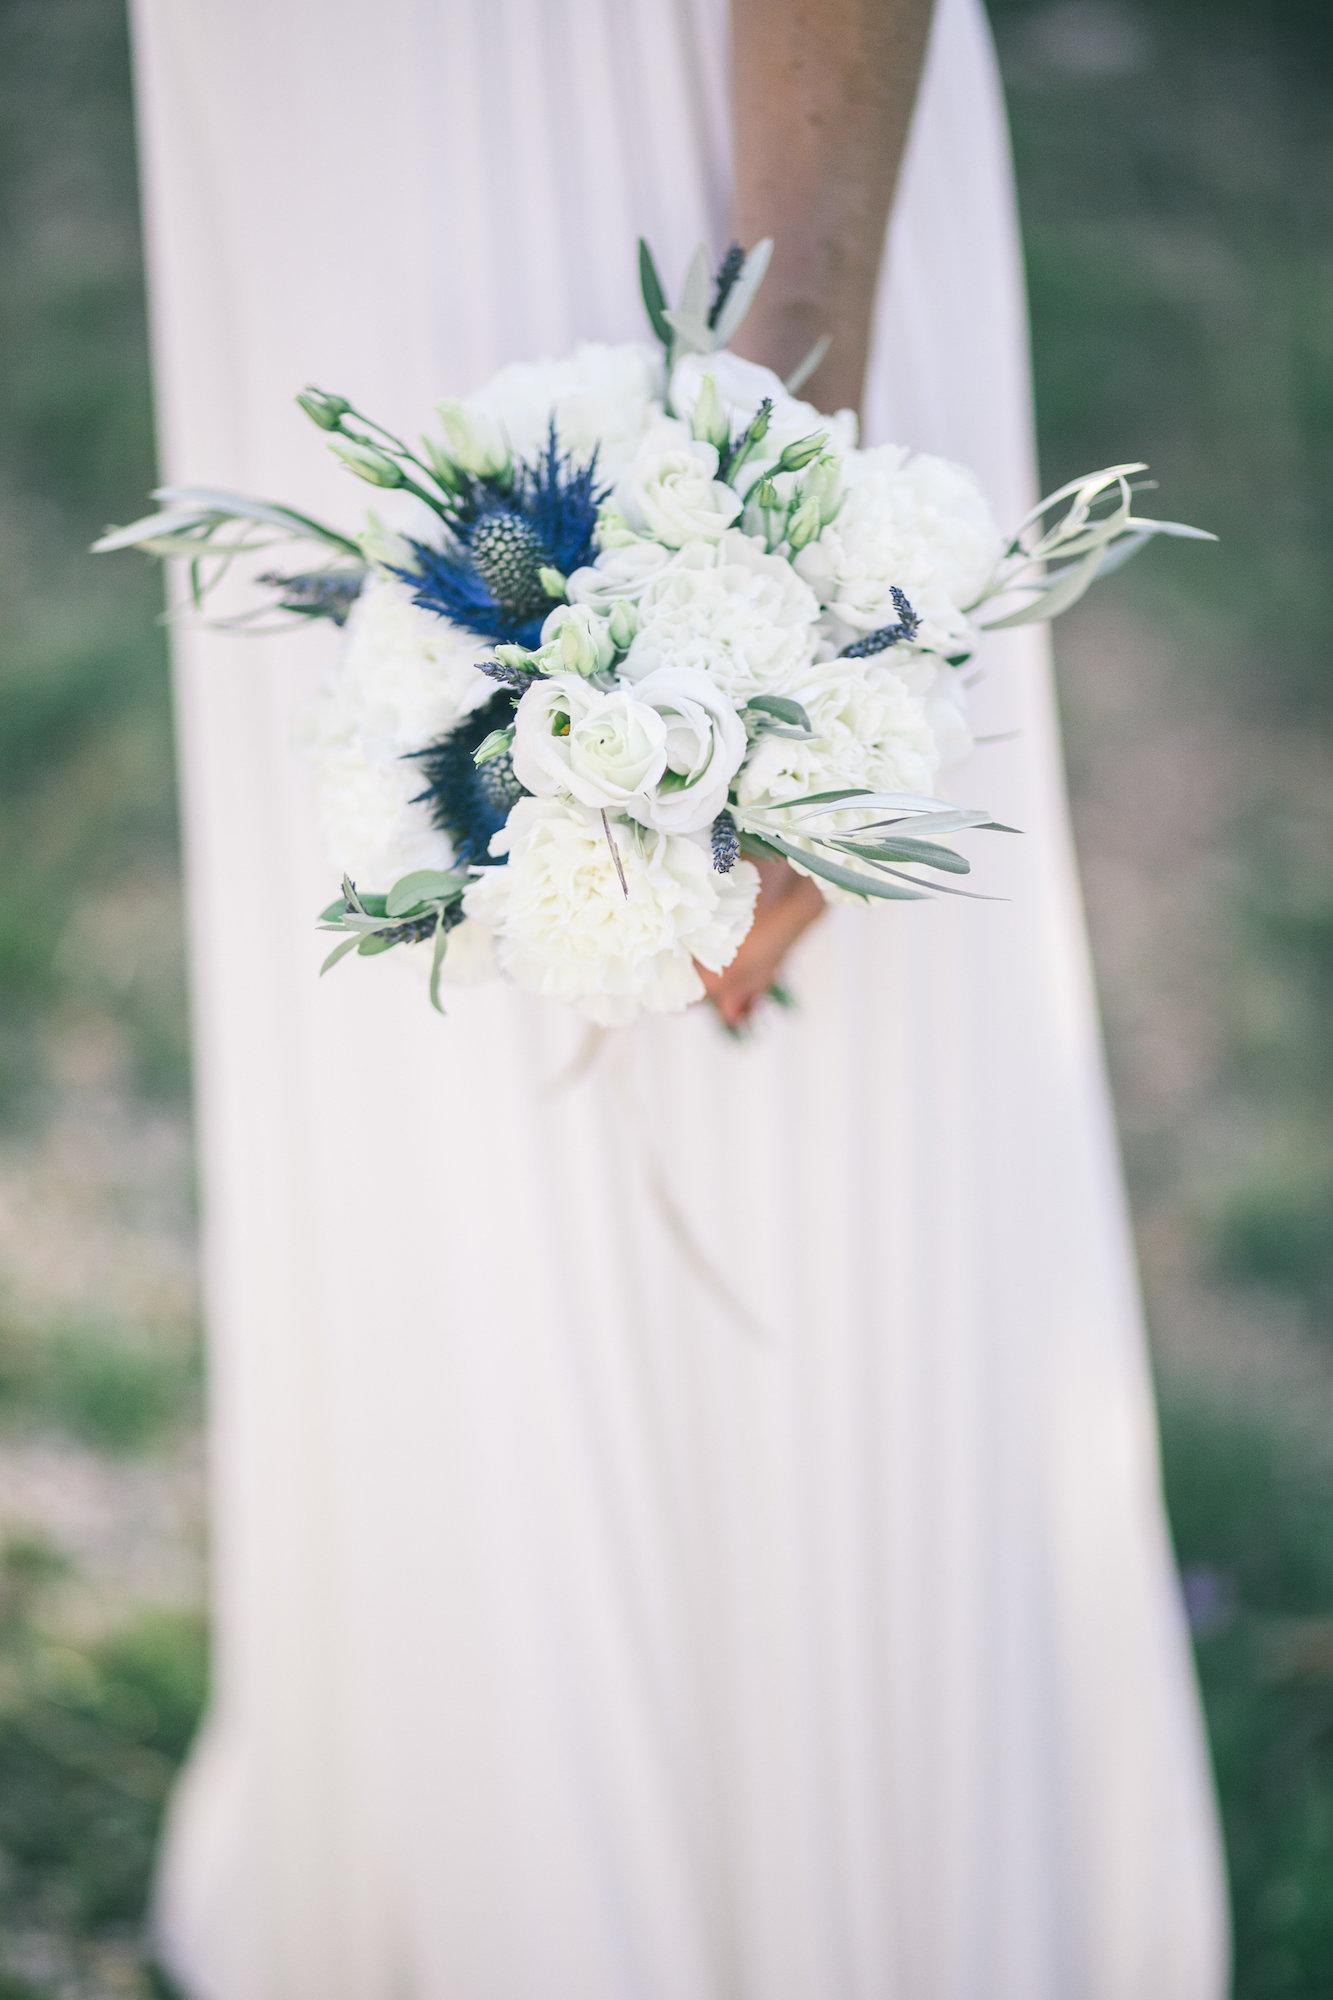 le coeur dans les etoiles - wedding planner - gard - provence - mariage provence - L&C - sebastien cabanes - bouquet 1